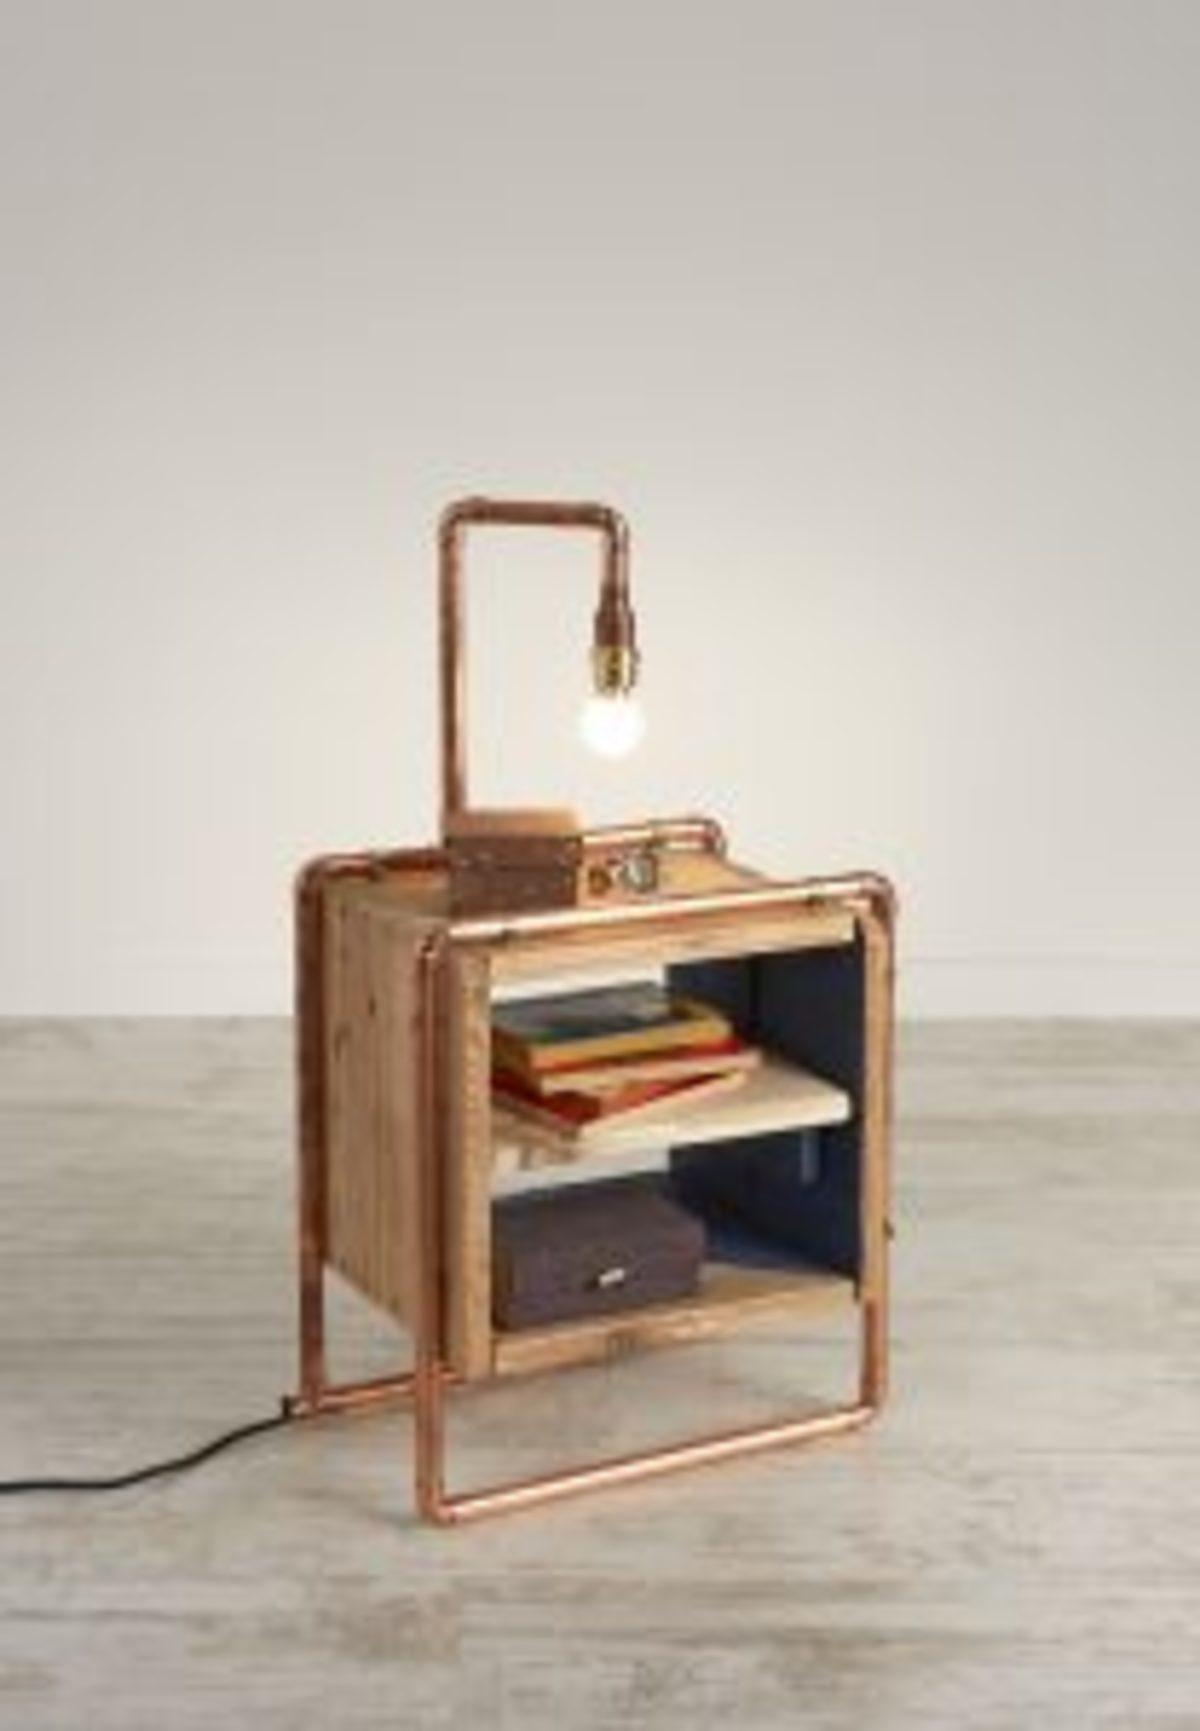 Idée Déco Avec Des Palettes la palette de bois : une idée diy pour des meubles uniques